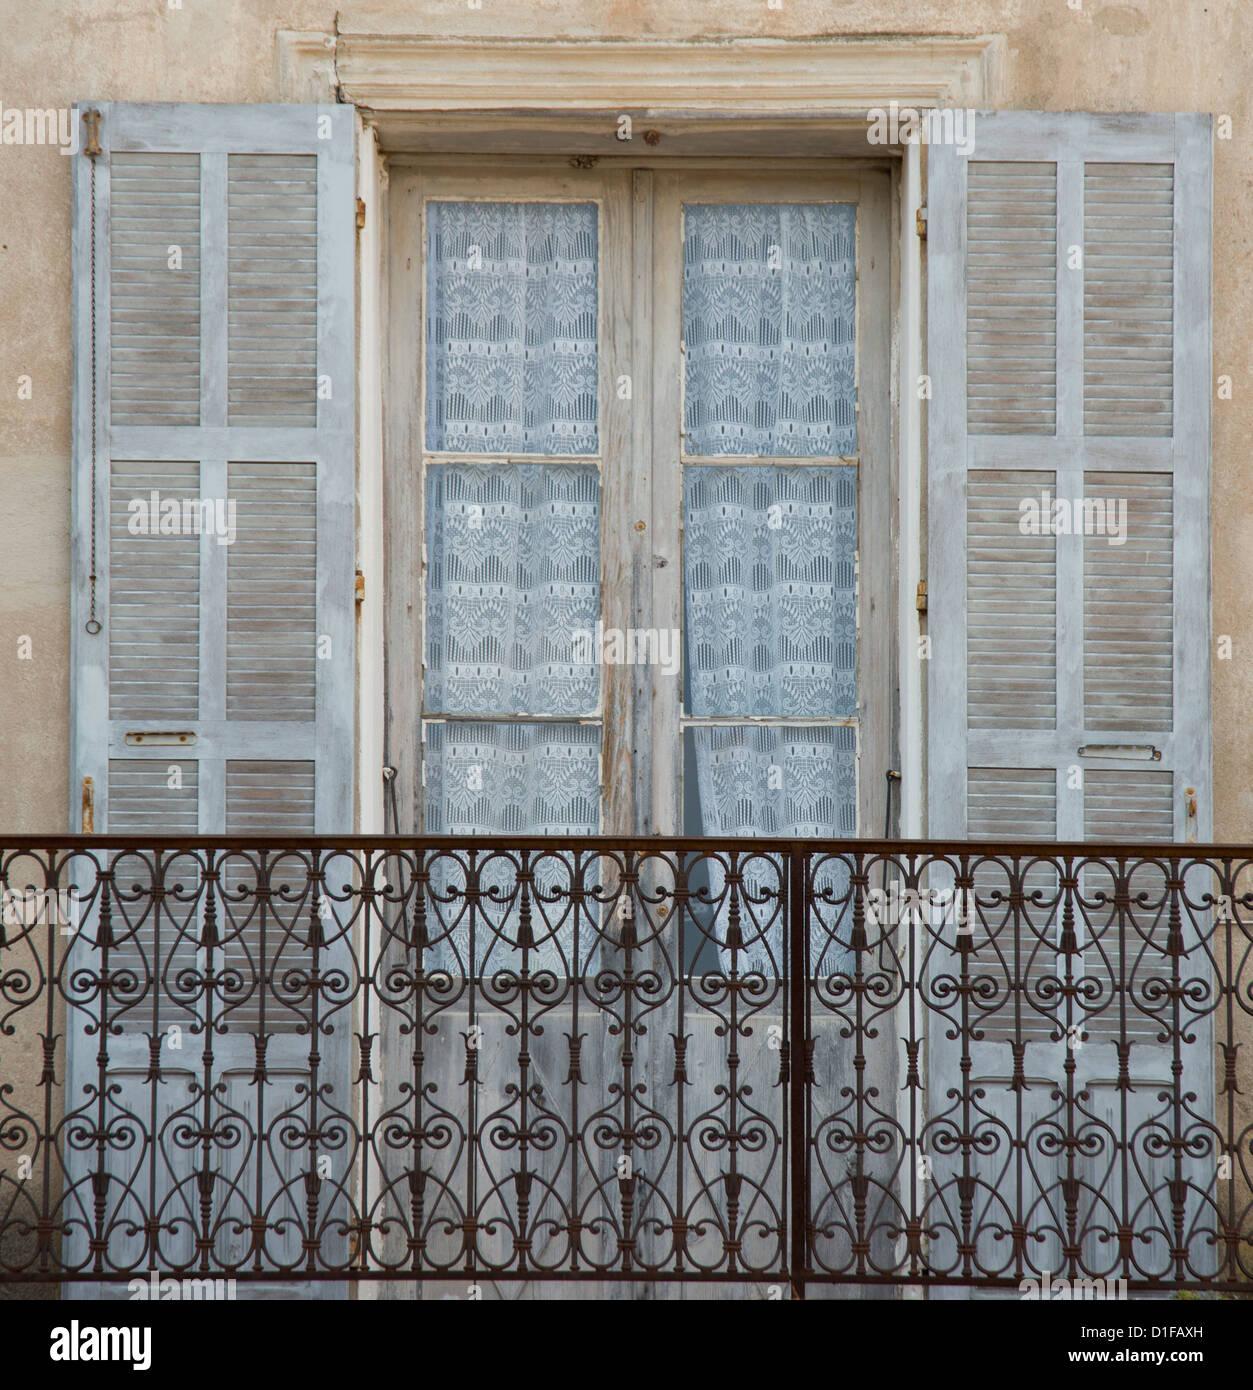 Una vieja ventana, balcón y cortinas en el pintoresco pueblo de Aregno en el interior de la región de Imagen De Stock